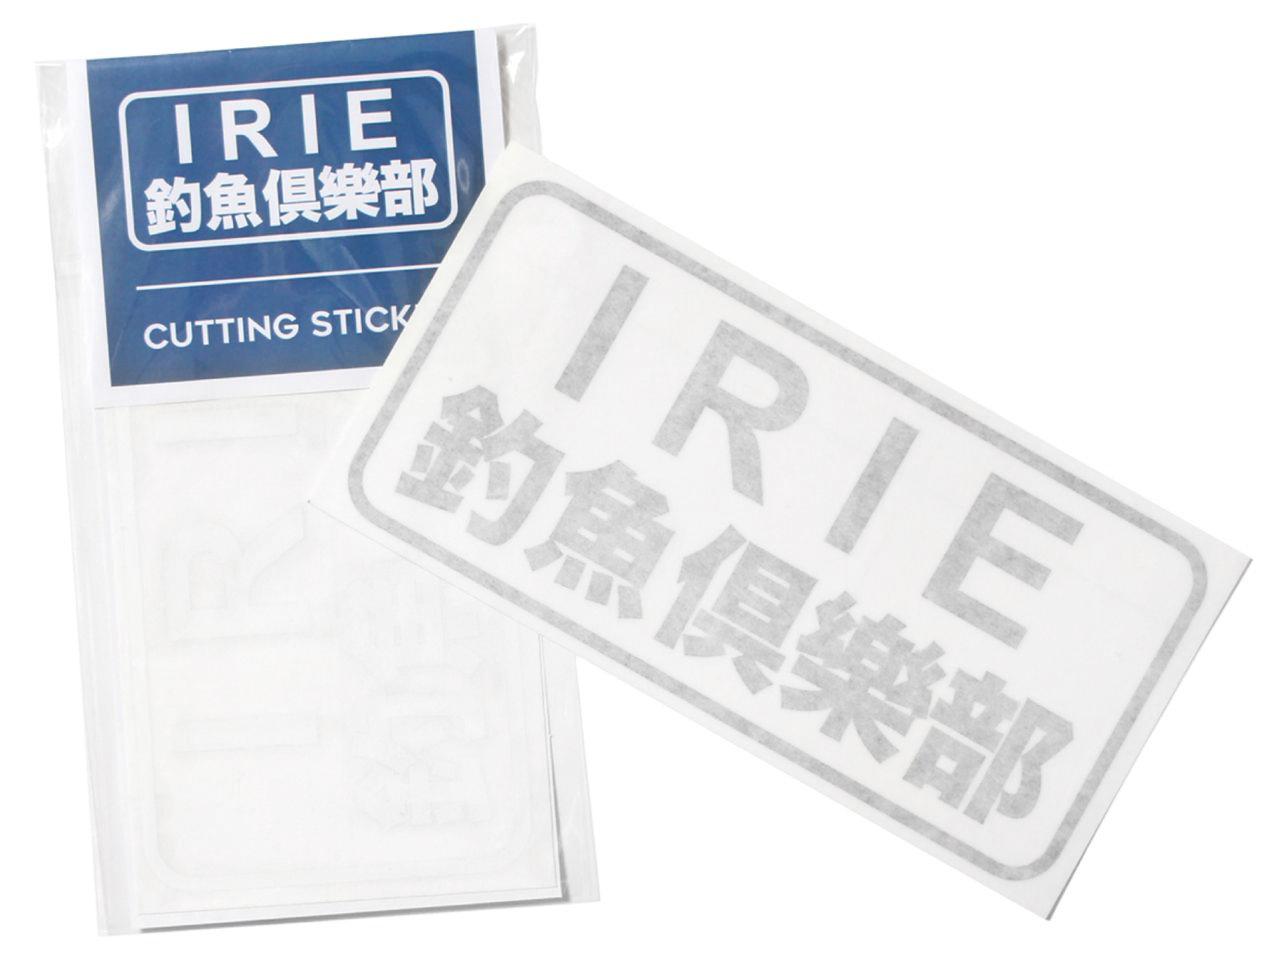 釣魚倶楽部 CUTTING STICKER -IRIE FISHING CLUB-